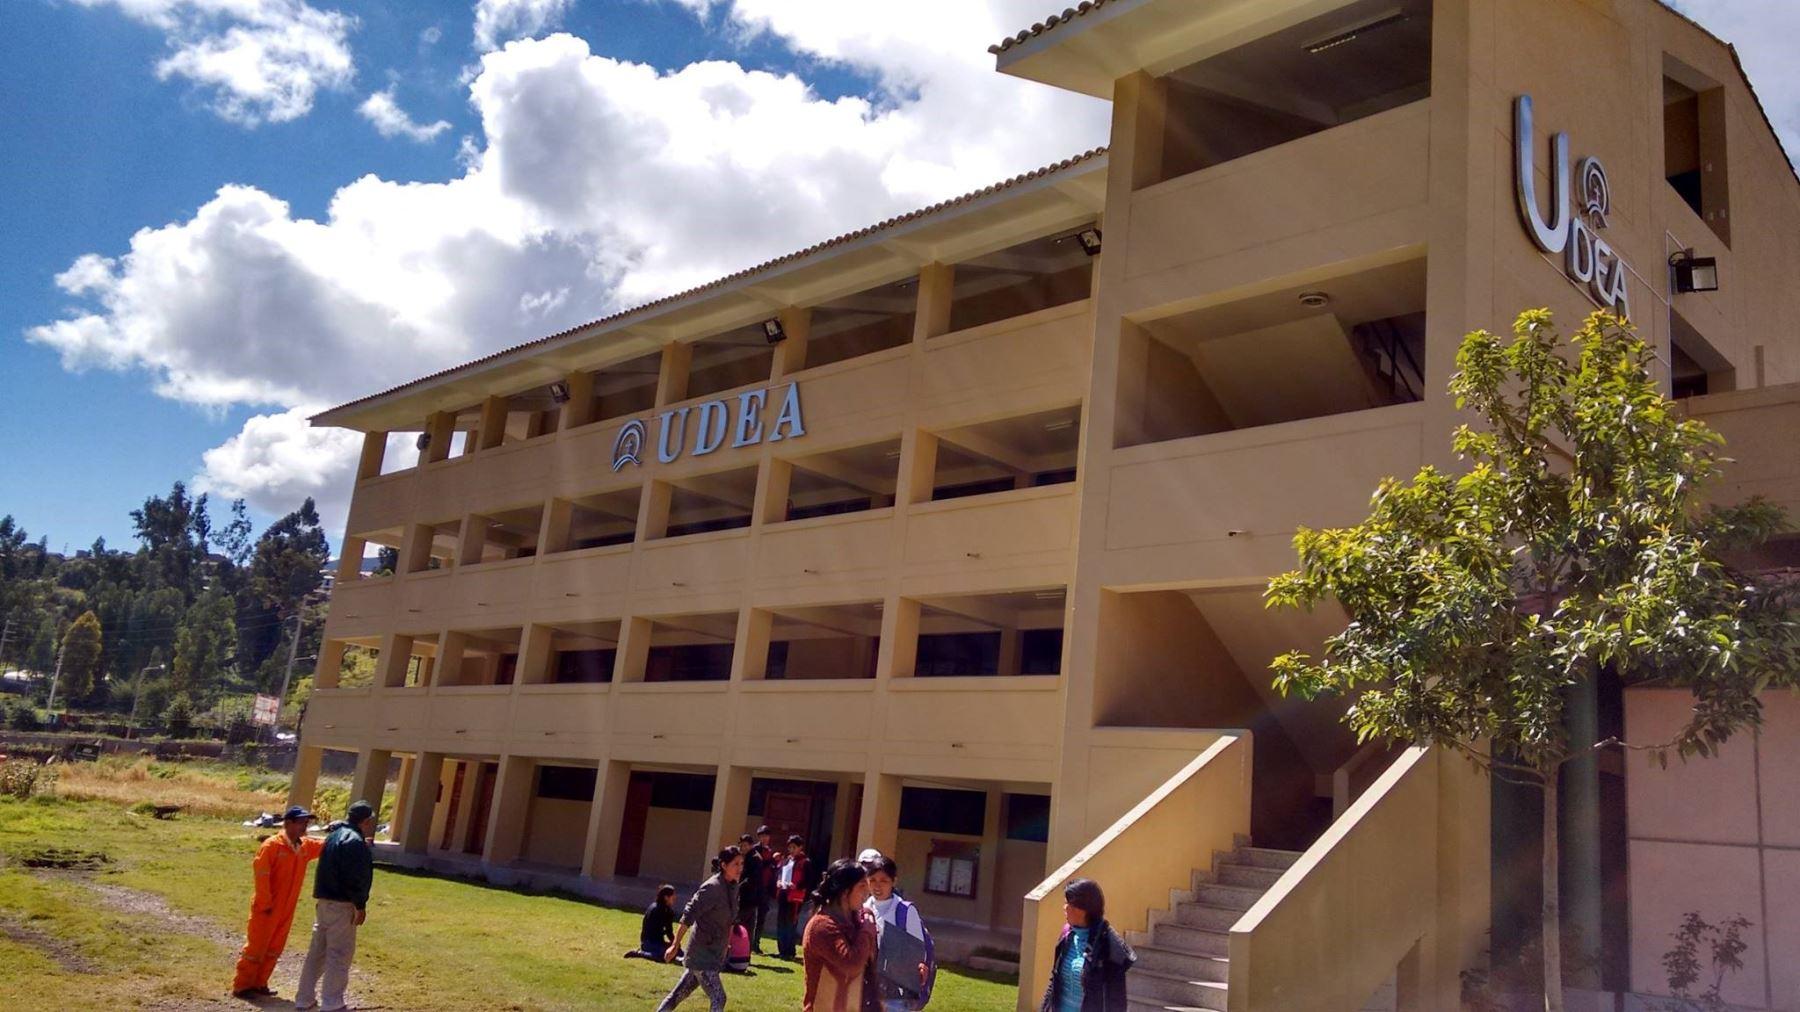 La Universidad para el Desarrollo Andino (UDEA) se especializa en los programas de educación intercultural bilingüe y ciencias agrícolas.